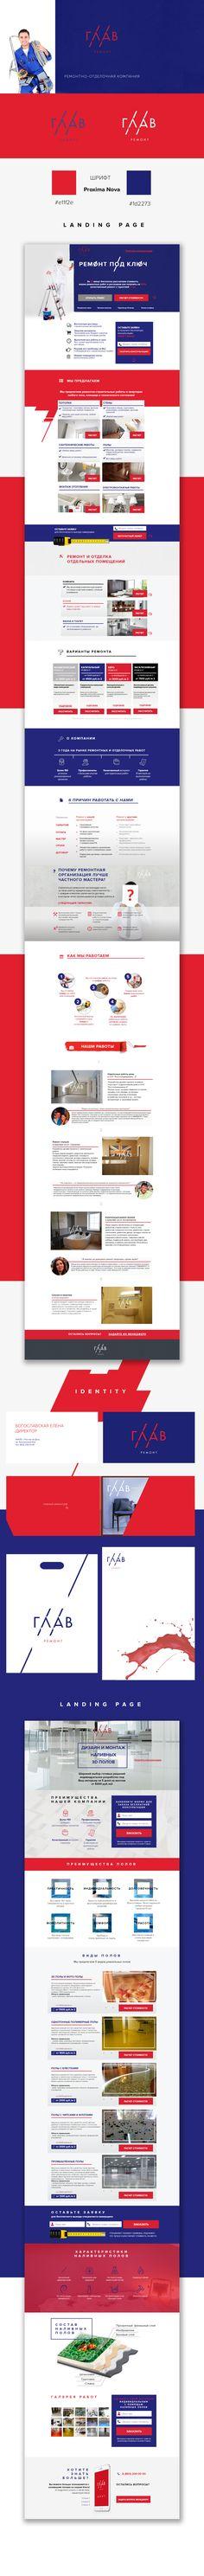 Ознакомьтесь с моим проектом в @Behance: «ГЛАВ РЕМОНТ - Строительная компания» https://www.behance.net/gallery/43802149/glav-remont-stroitelnaja-kompanija